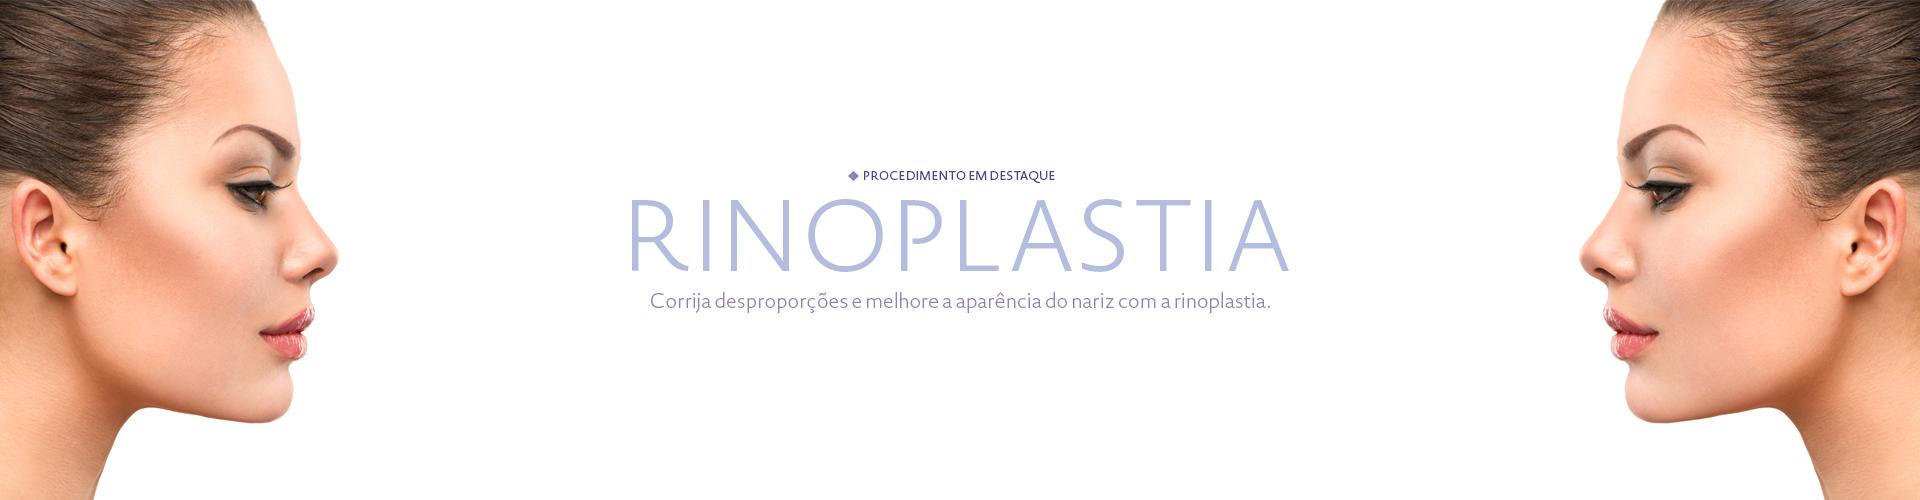 Procedimento em destaque - Rinoplastia